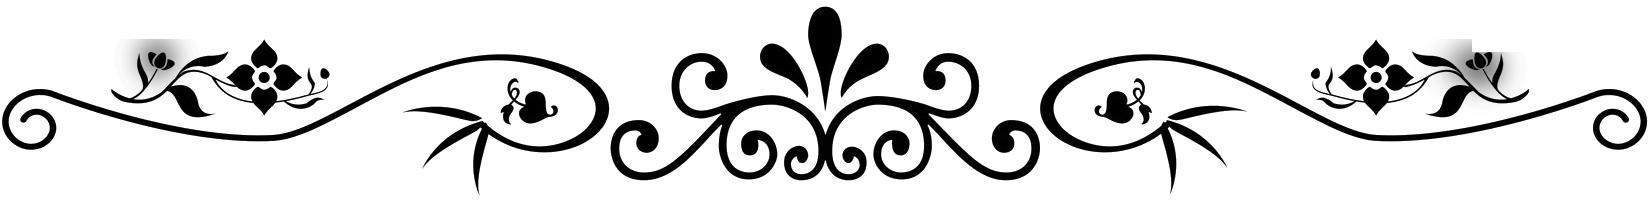 CooltPainting Kinderschminken, Facepainting, Henna Tattoos - Trenner2